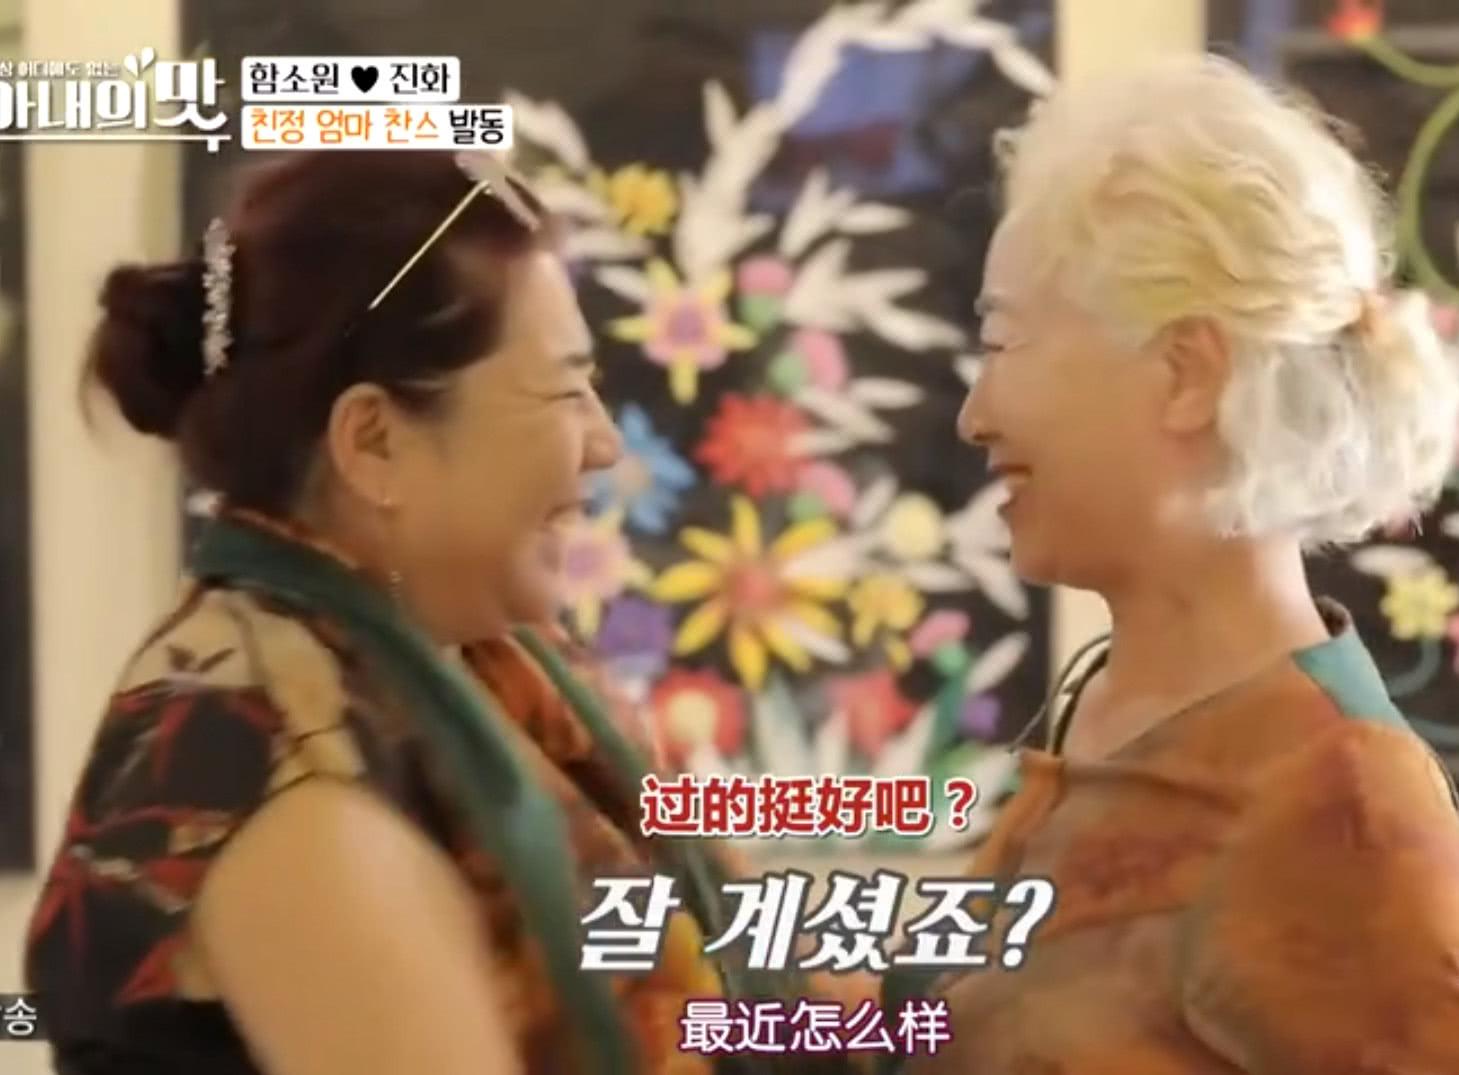 <b>咸素媛妈妈和婆婆见面,看清两个人的穿着打扮,差距还是太大了!</b>